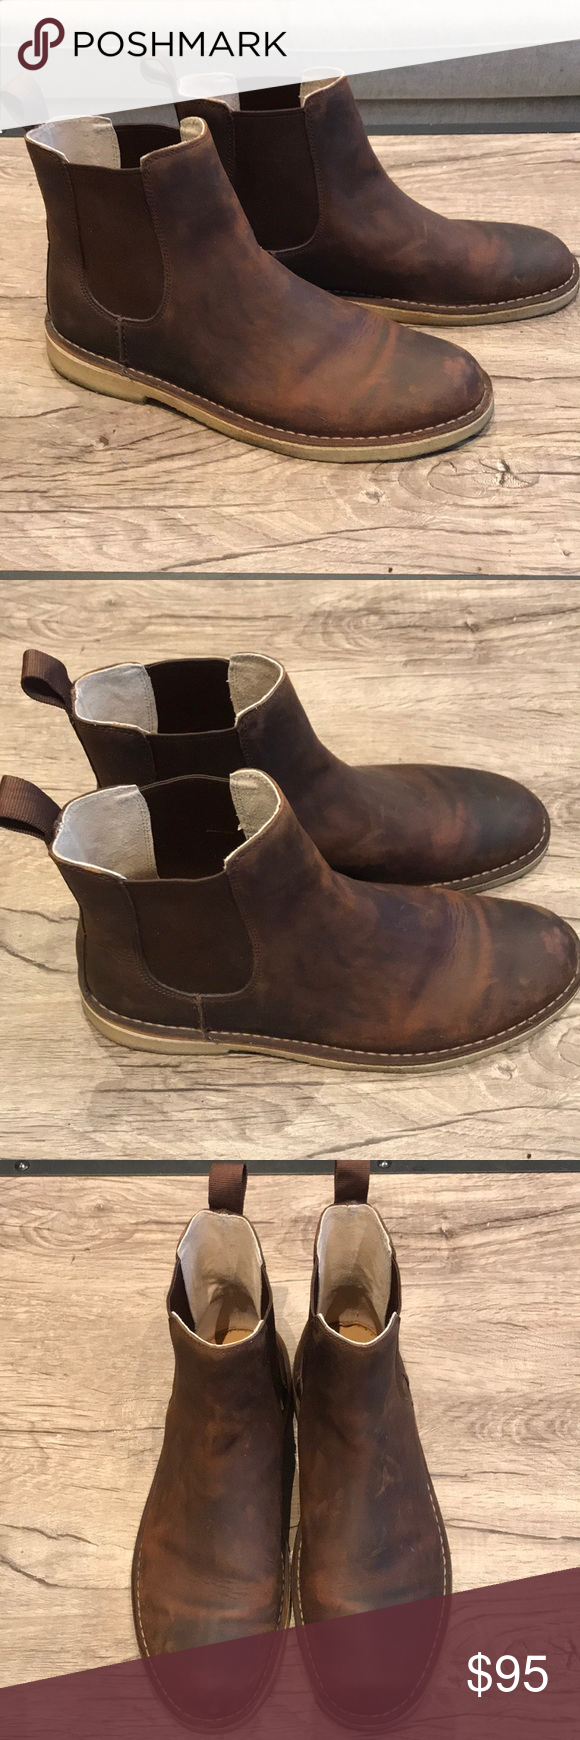 f114e8e9bfa Clark's Desert Peak Men's Boots - Size 13 Clark's Desert Peak Men's ...